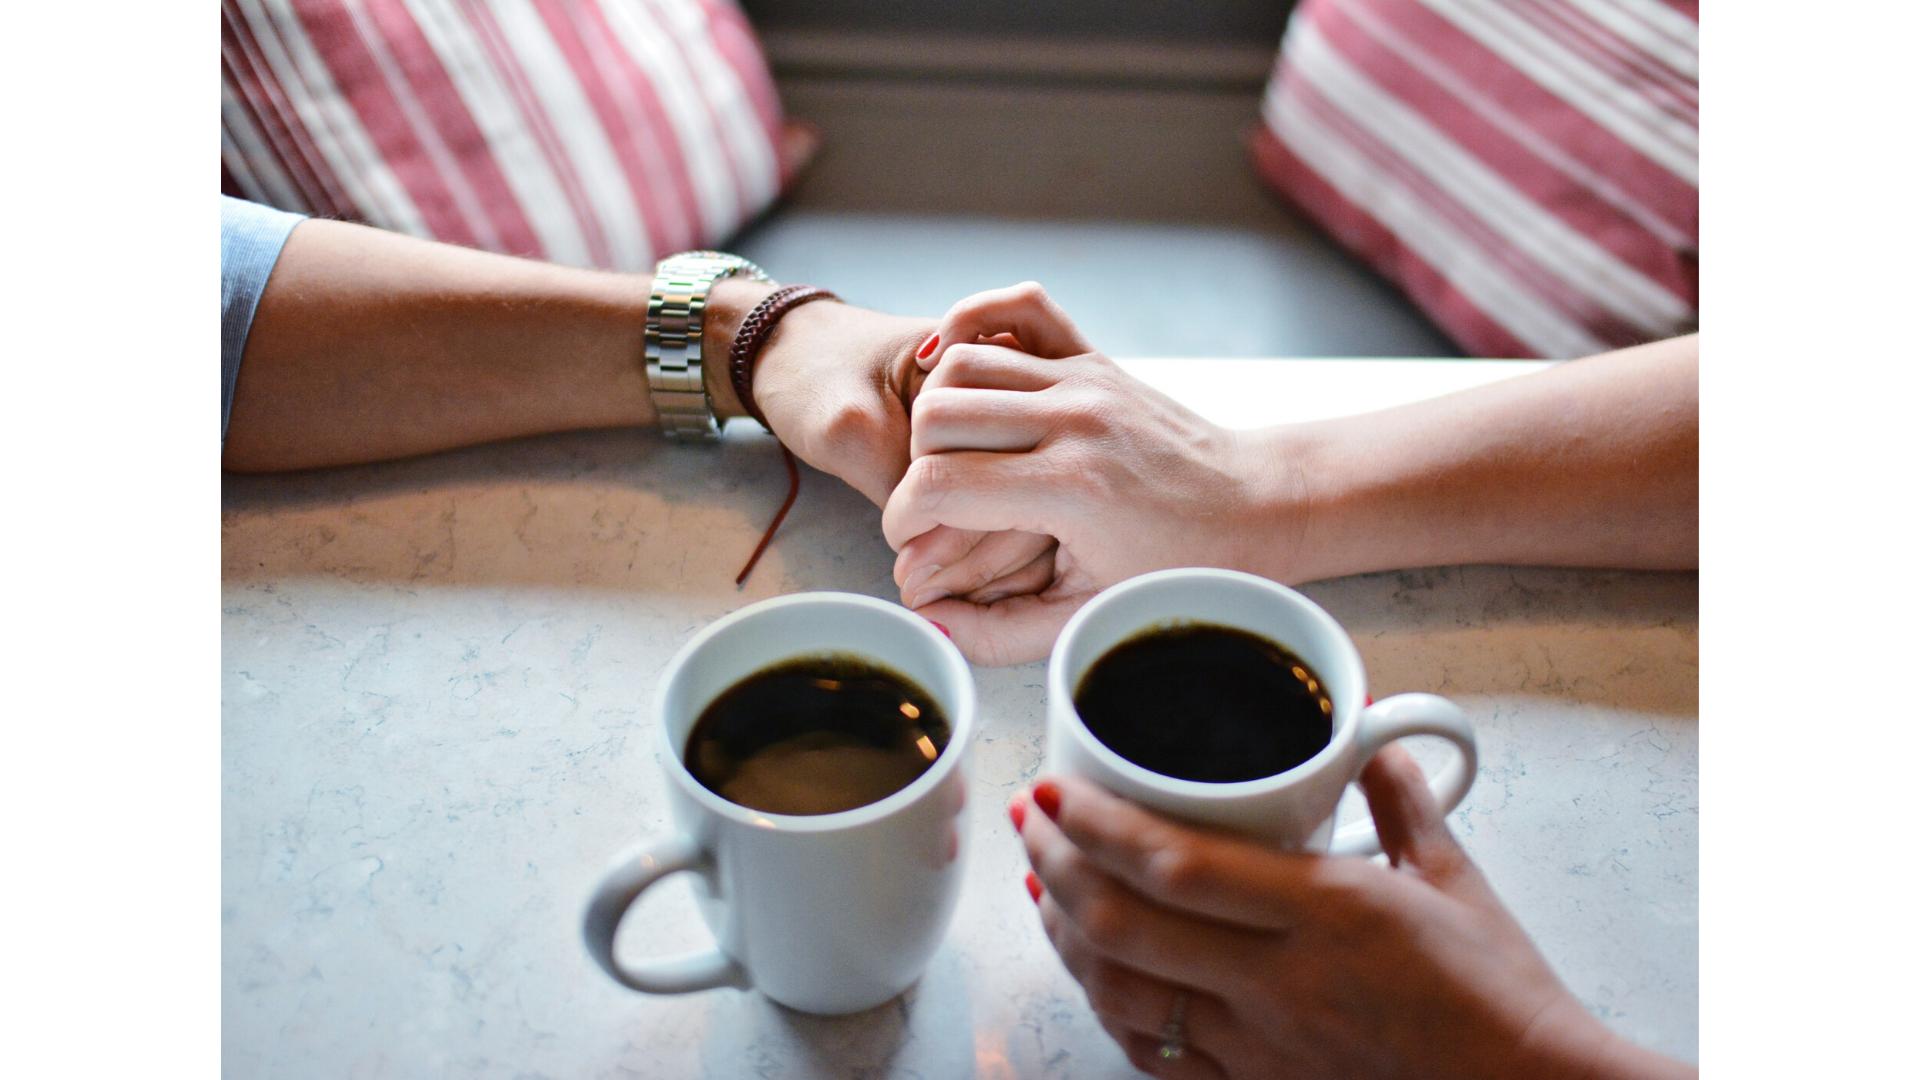 Pareja_agarrandose la mano_relaciones_de_pareja